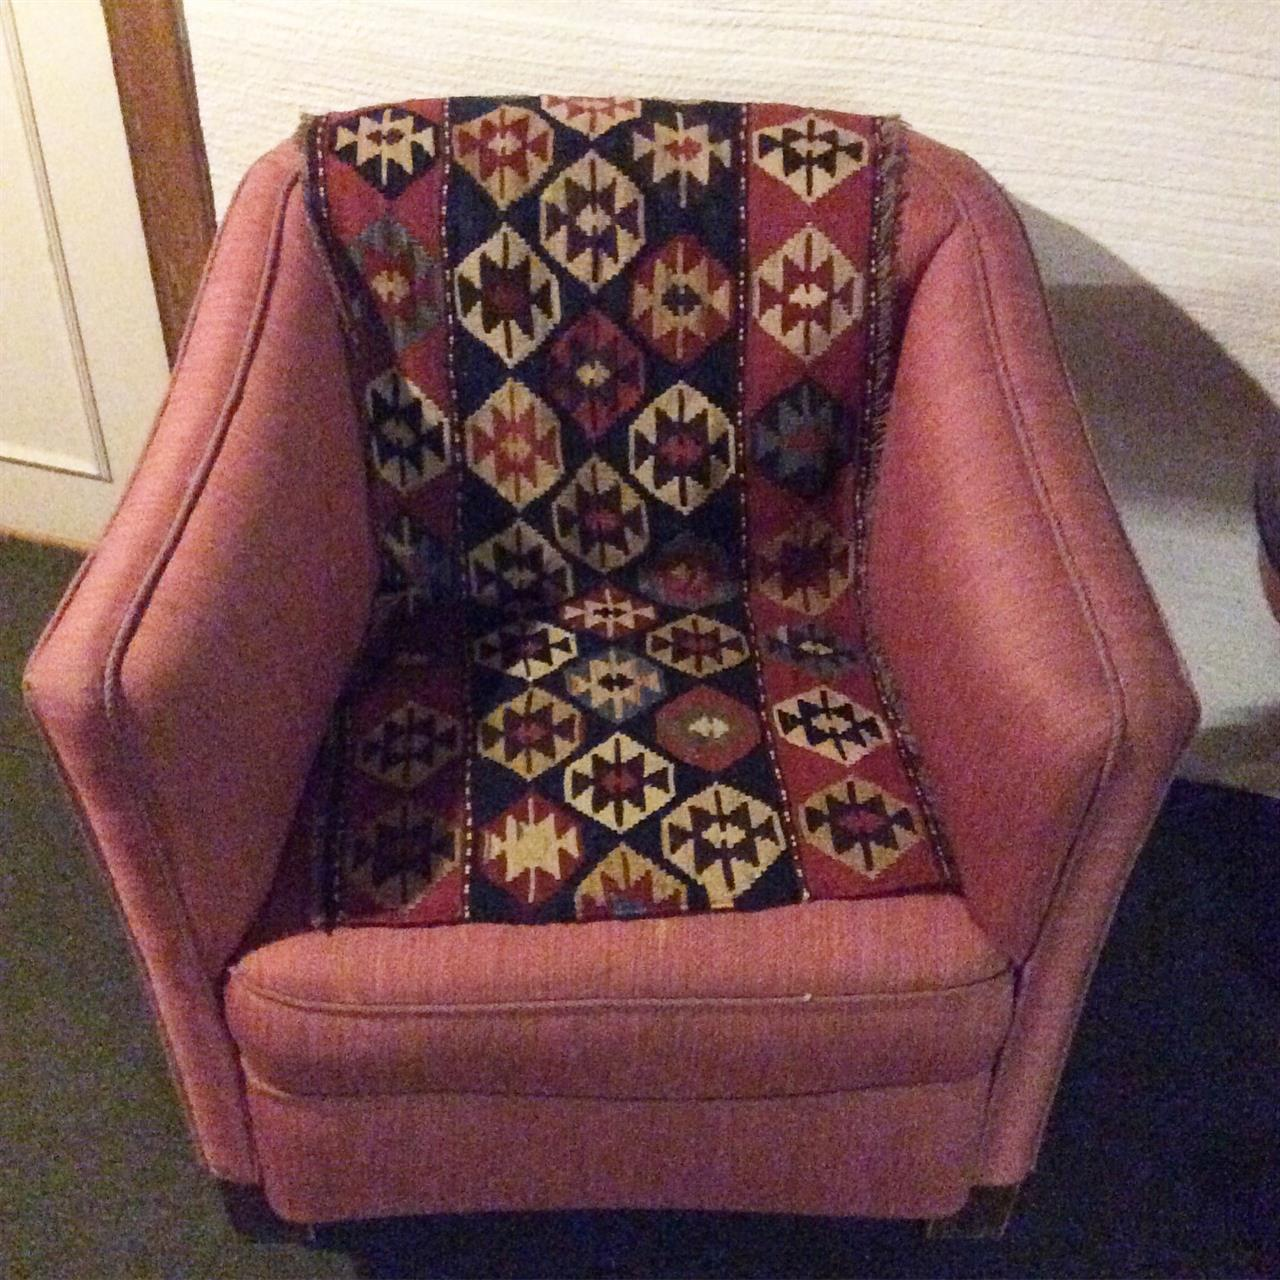 En mafrash pynter opp en sliten stol